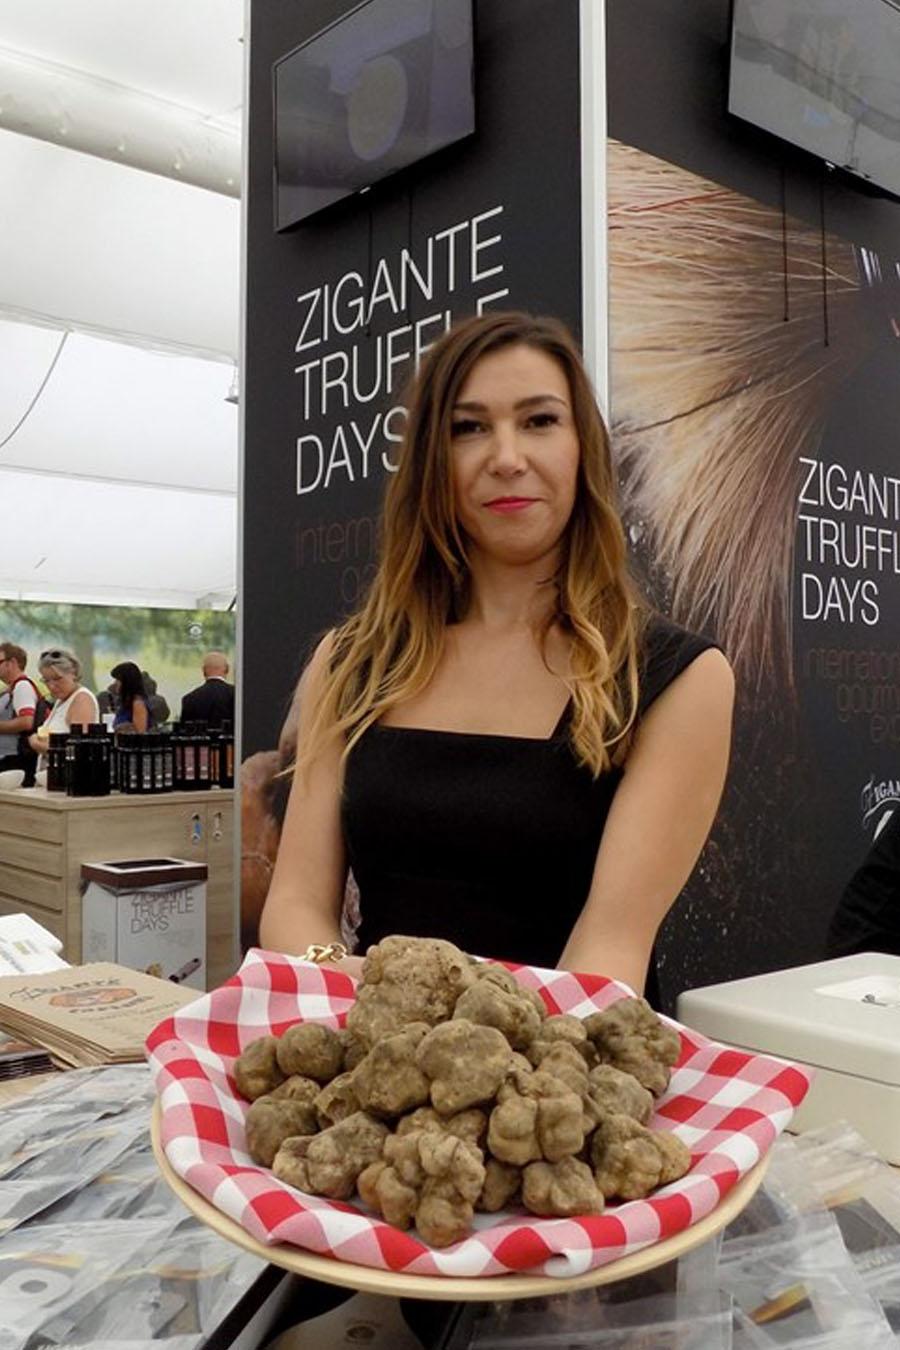 Zigante tartufi - sejem